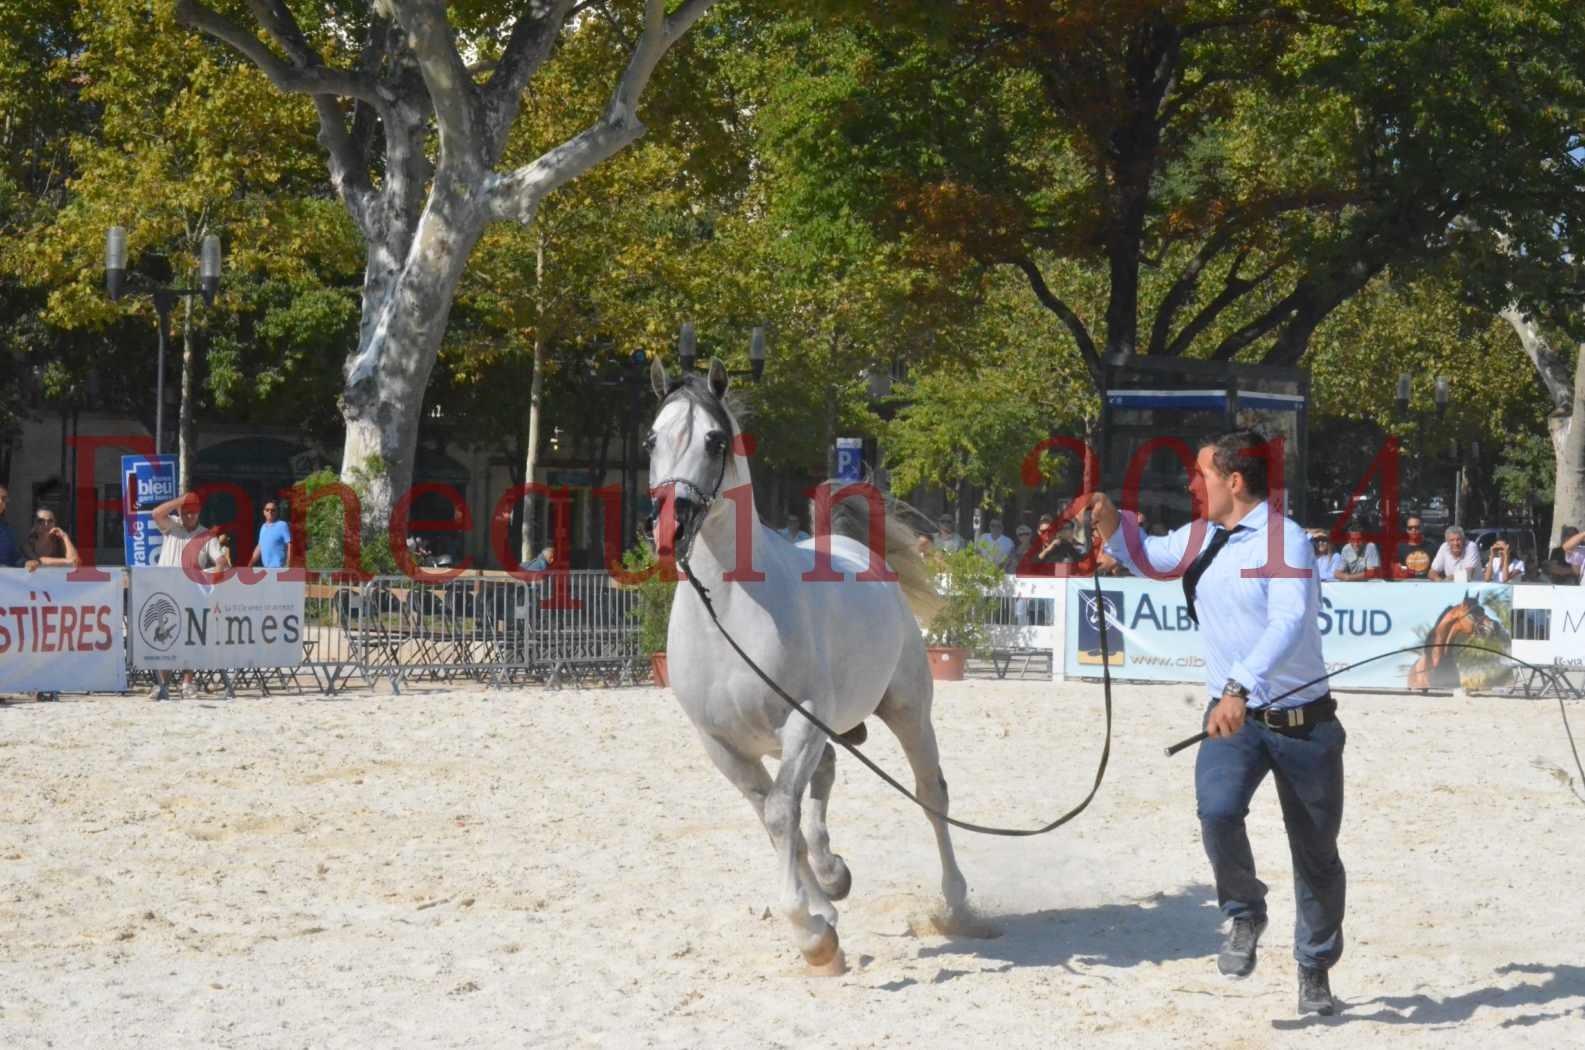 Concours National de Nîmes de chevaux ARABES 2014 - Championnat - SHAOLIN DE NEDJAIA - 29